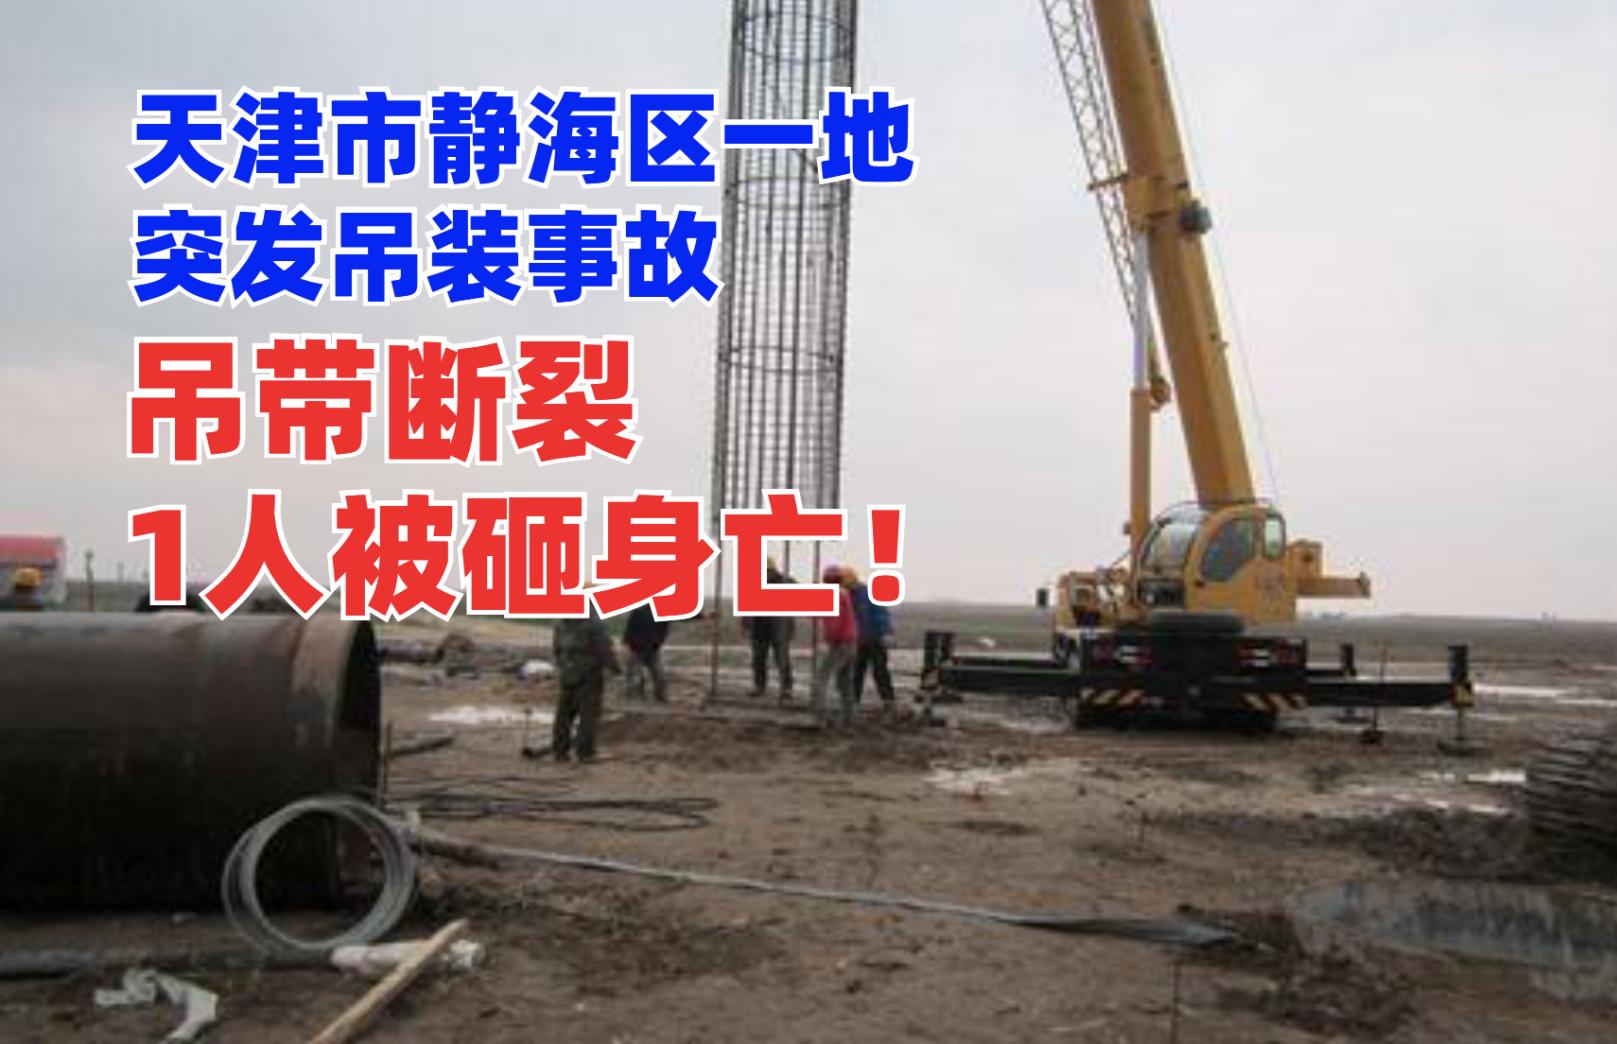 突发!天津市静海区一地吊装作业时吊带断裂导致员工被砸身亡!